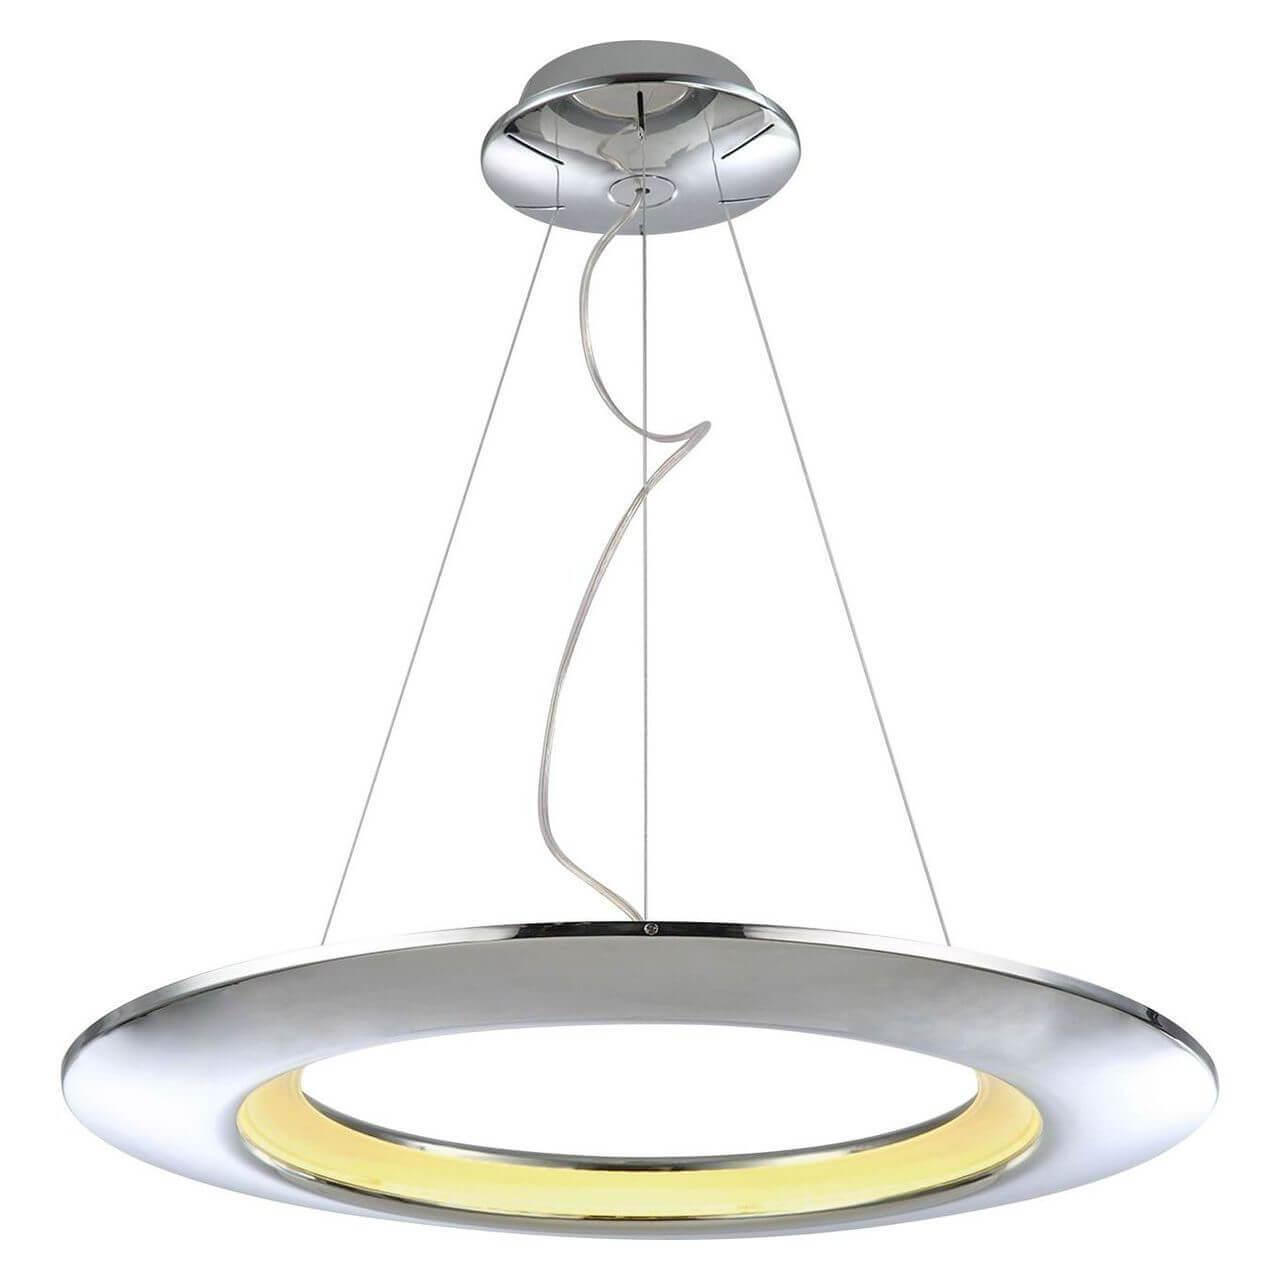 купить Подвесной светодиодный светильник Horoz Concept-35 хром 019-010-0035 по цене 15198 рублей